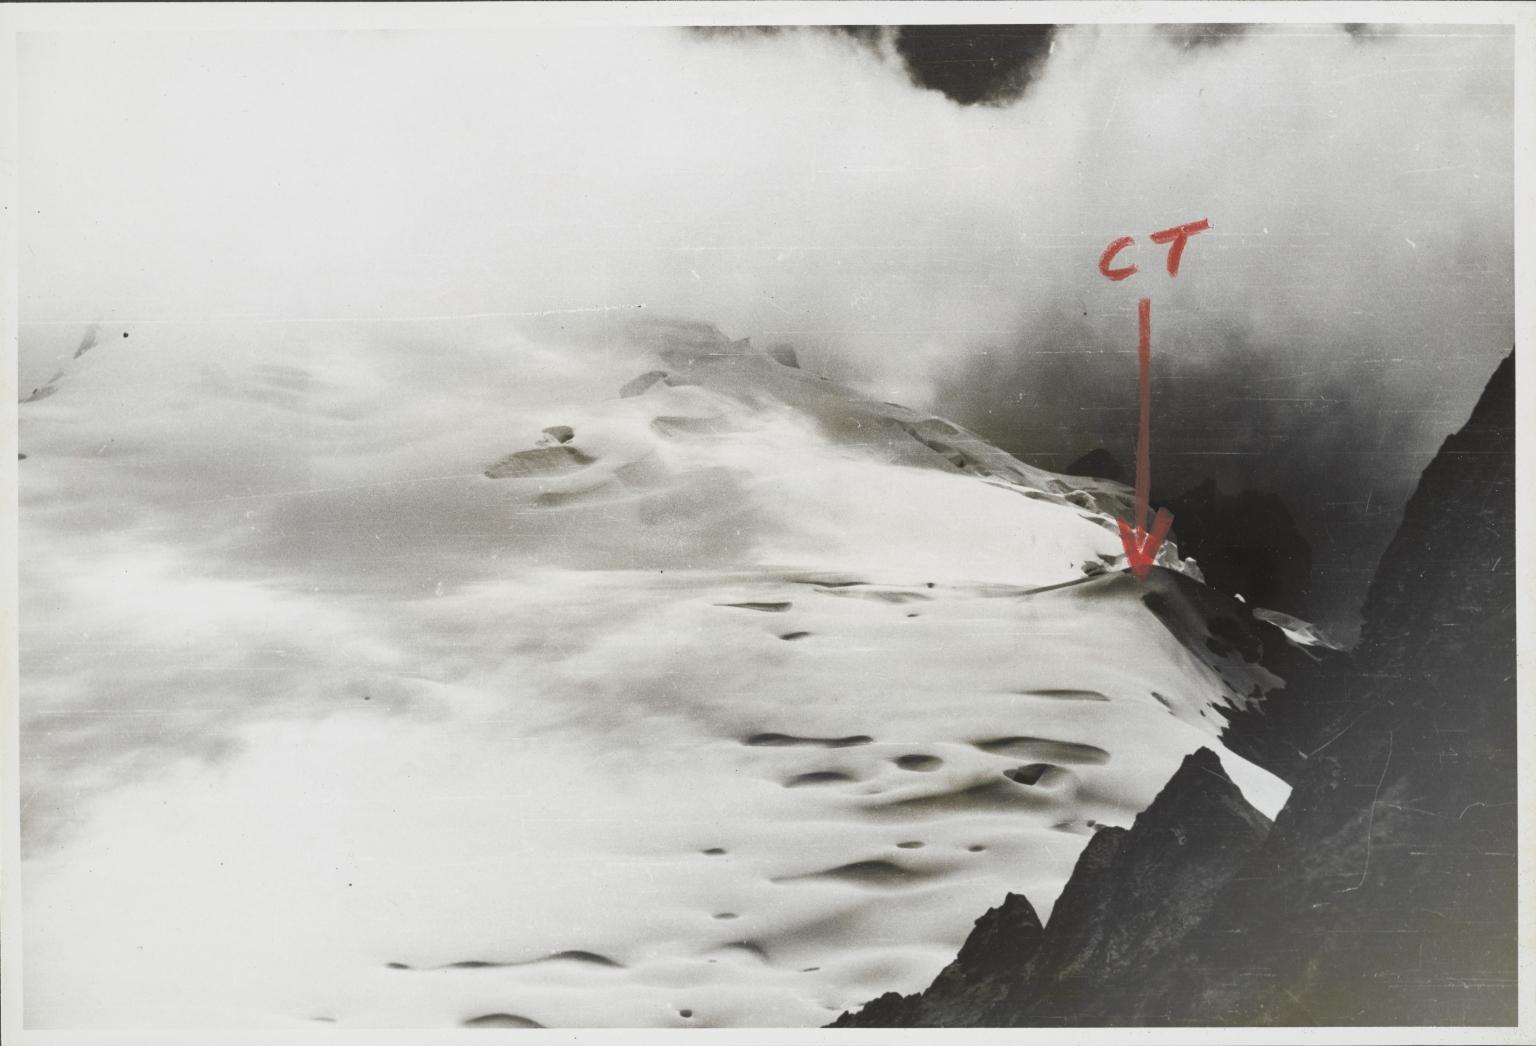 Wollaston Glacier, Indonesia